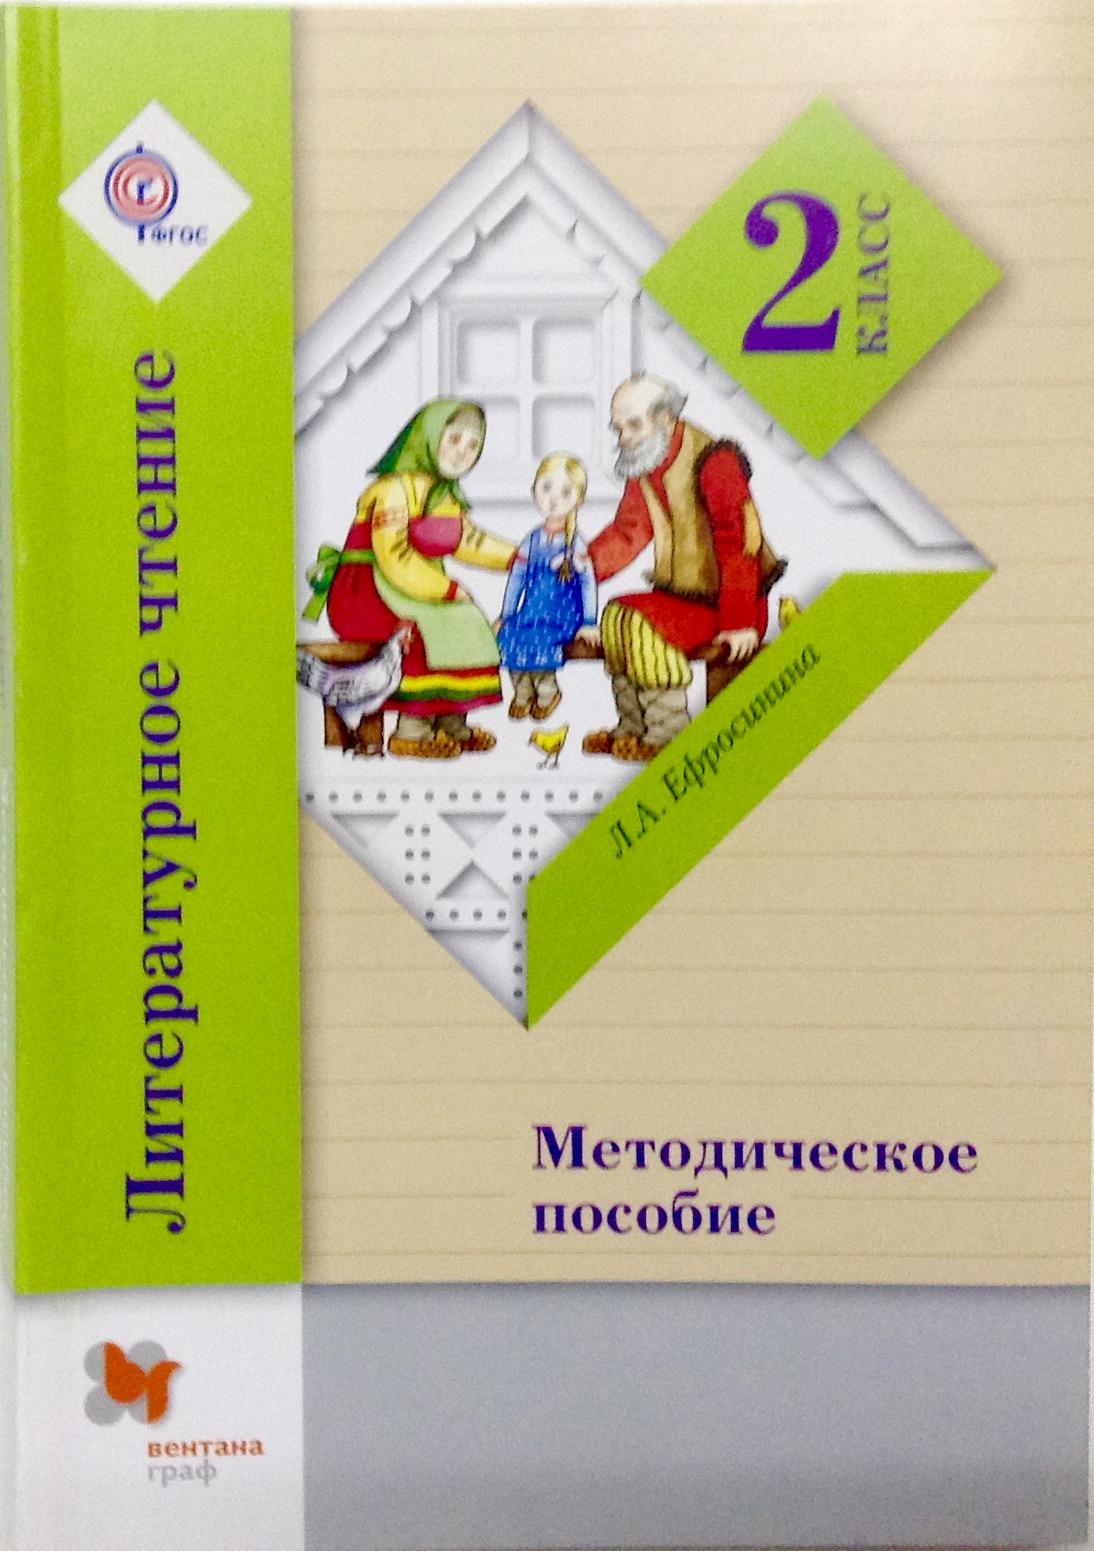 ЕФРОСИНИНА ЛИТЕРАТУРНОЕ ЧТЕНИЕ МЕТОДИЧЕСКОЕ ПОСОБИЕ 3 КЛАСС 21 ВЕК СКАЧАТЬ БЕСПЛАТНО